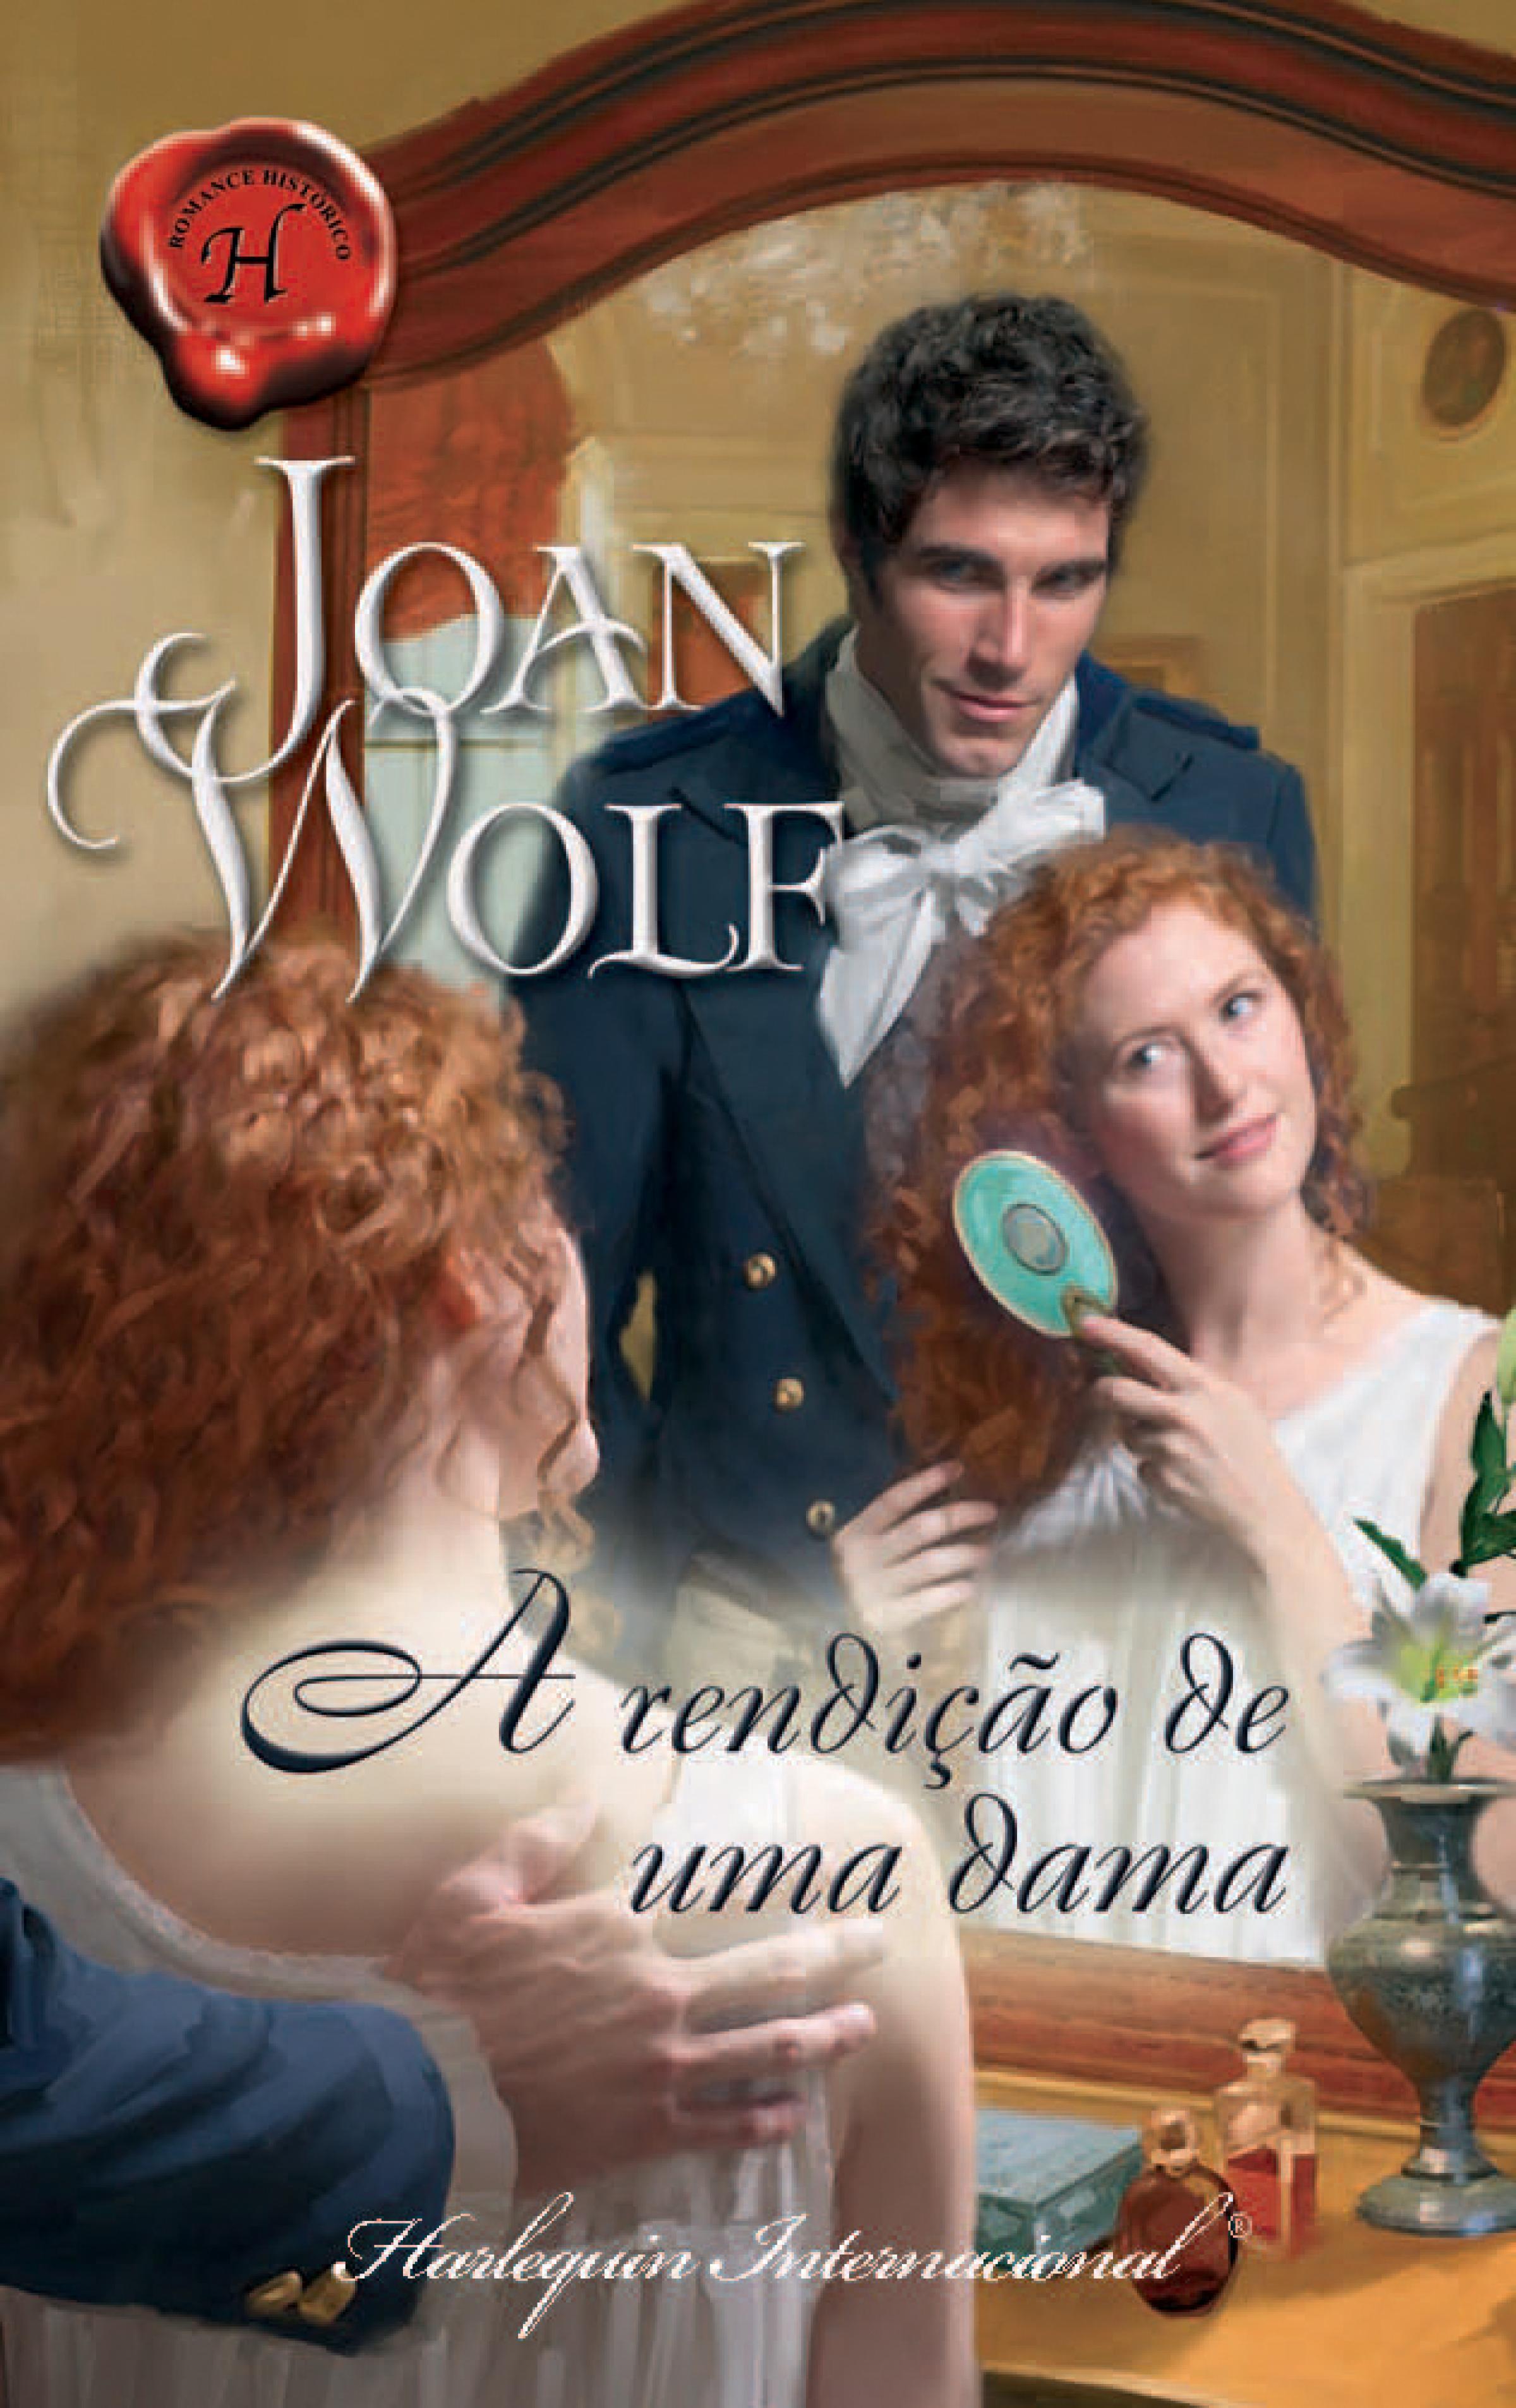 Joan Wolf A rendição de uma dama